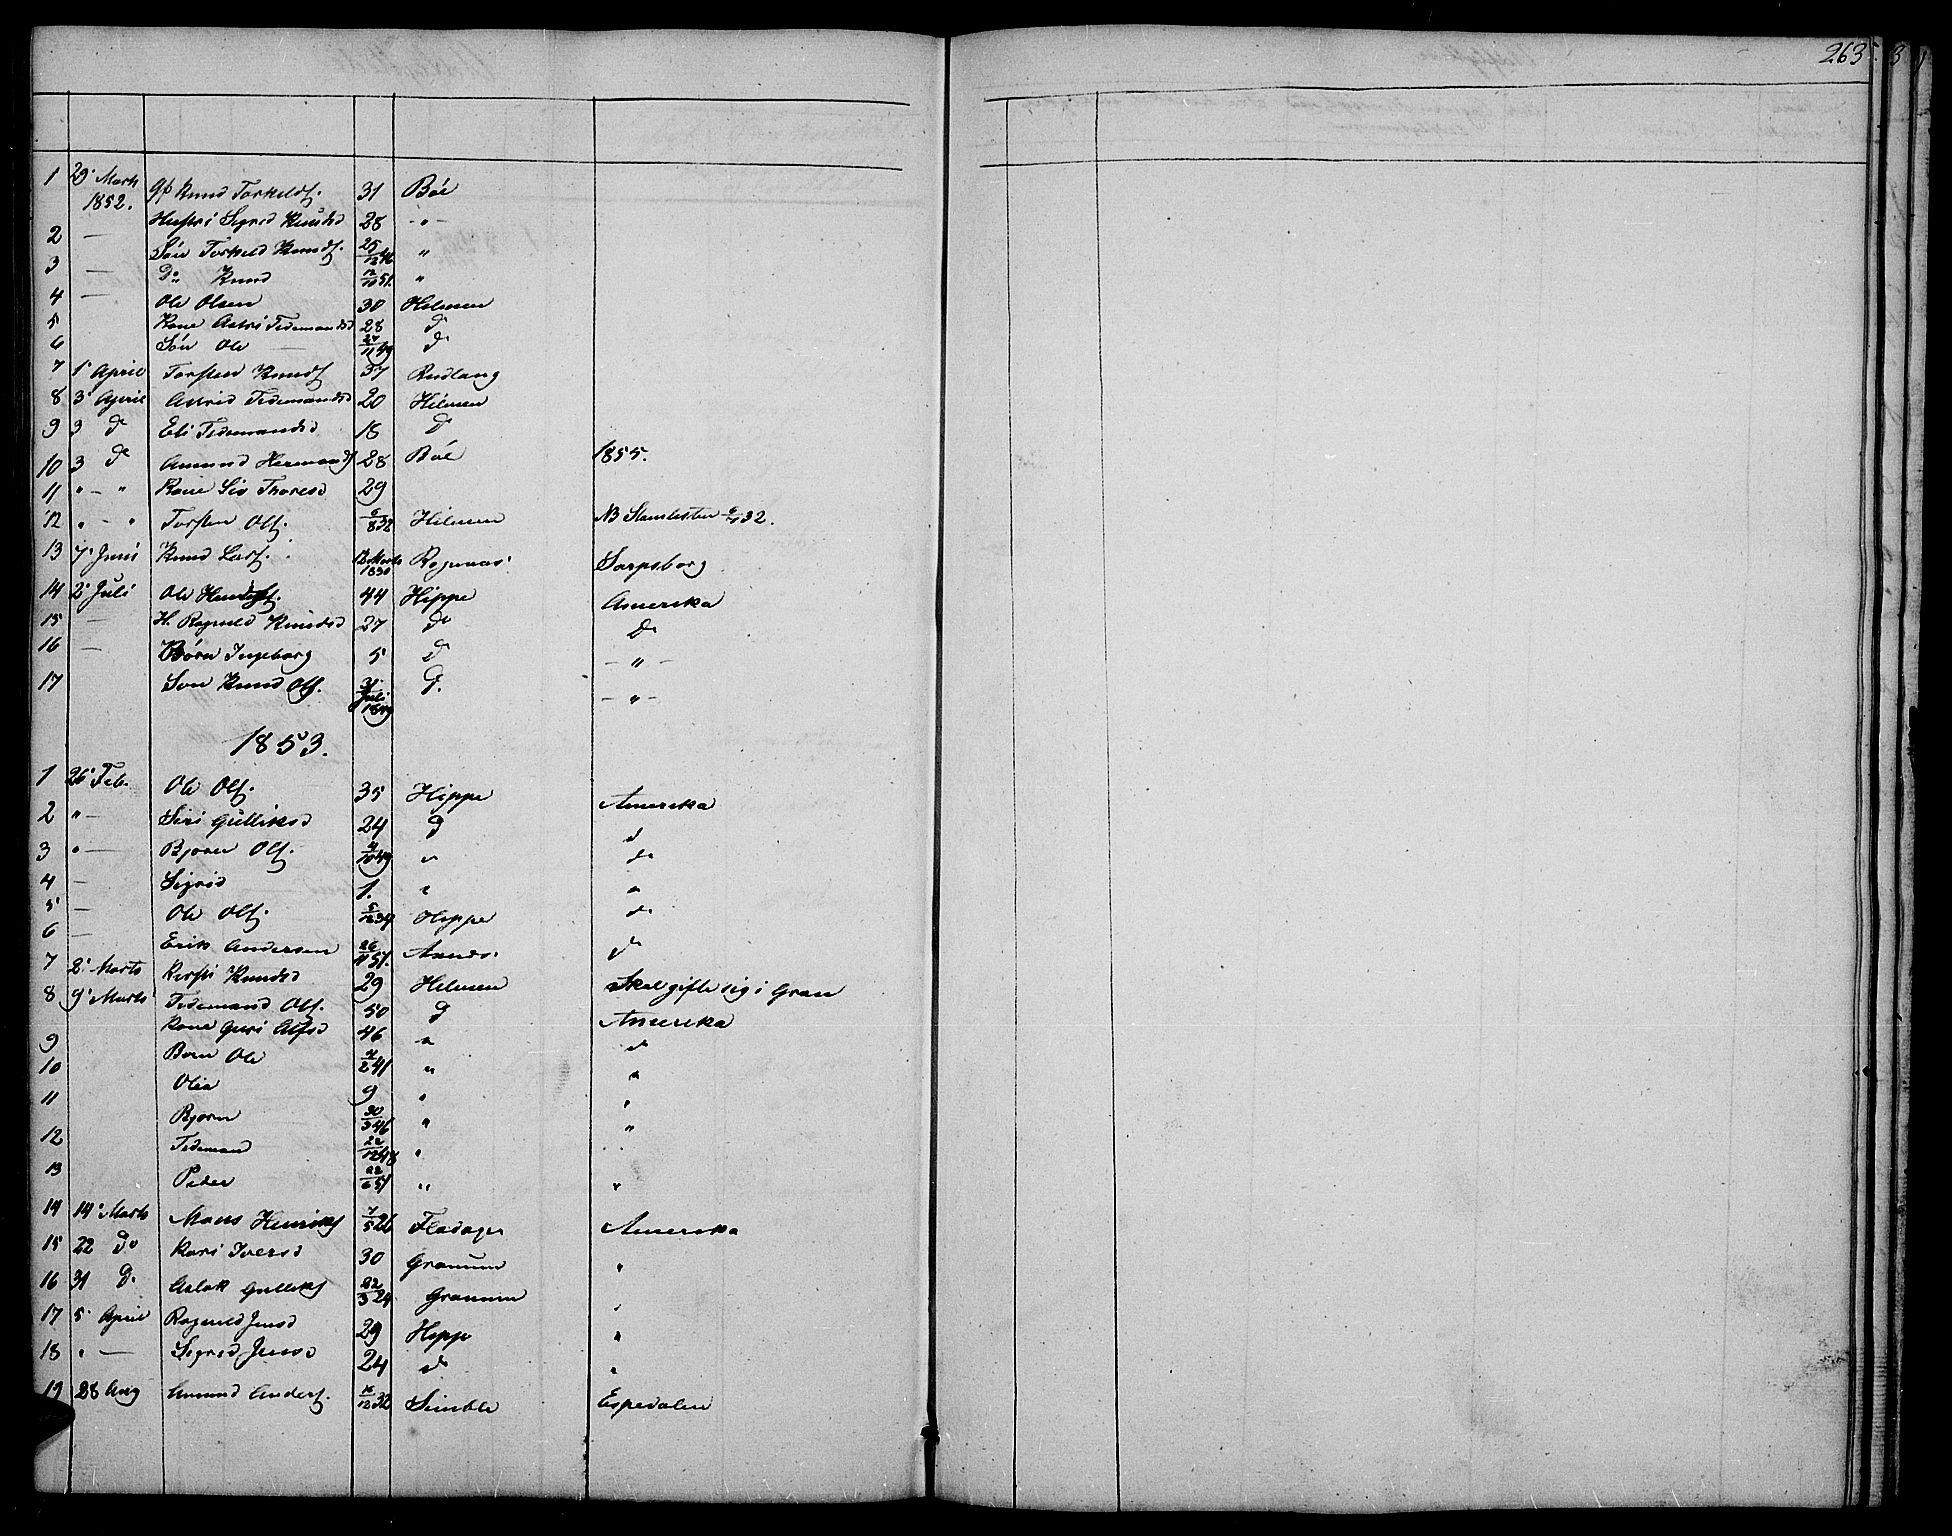 SAH, Nord-Aurdal prestekontor, Klokkerbok nr. 4, 1842-1882, s. 263